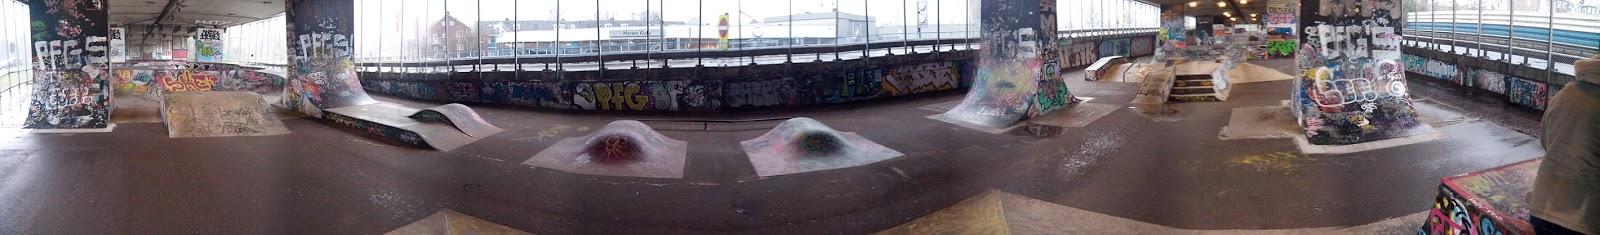 Skatepark onder de A8 in Koog aan de Zaan deel 2